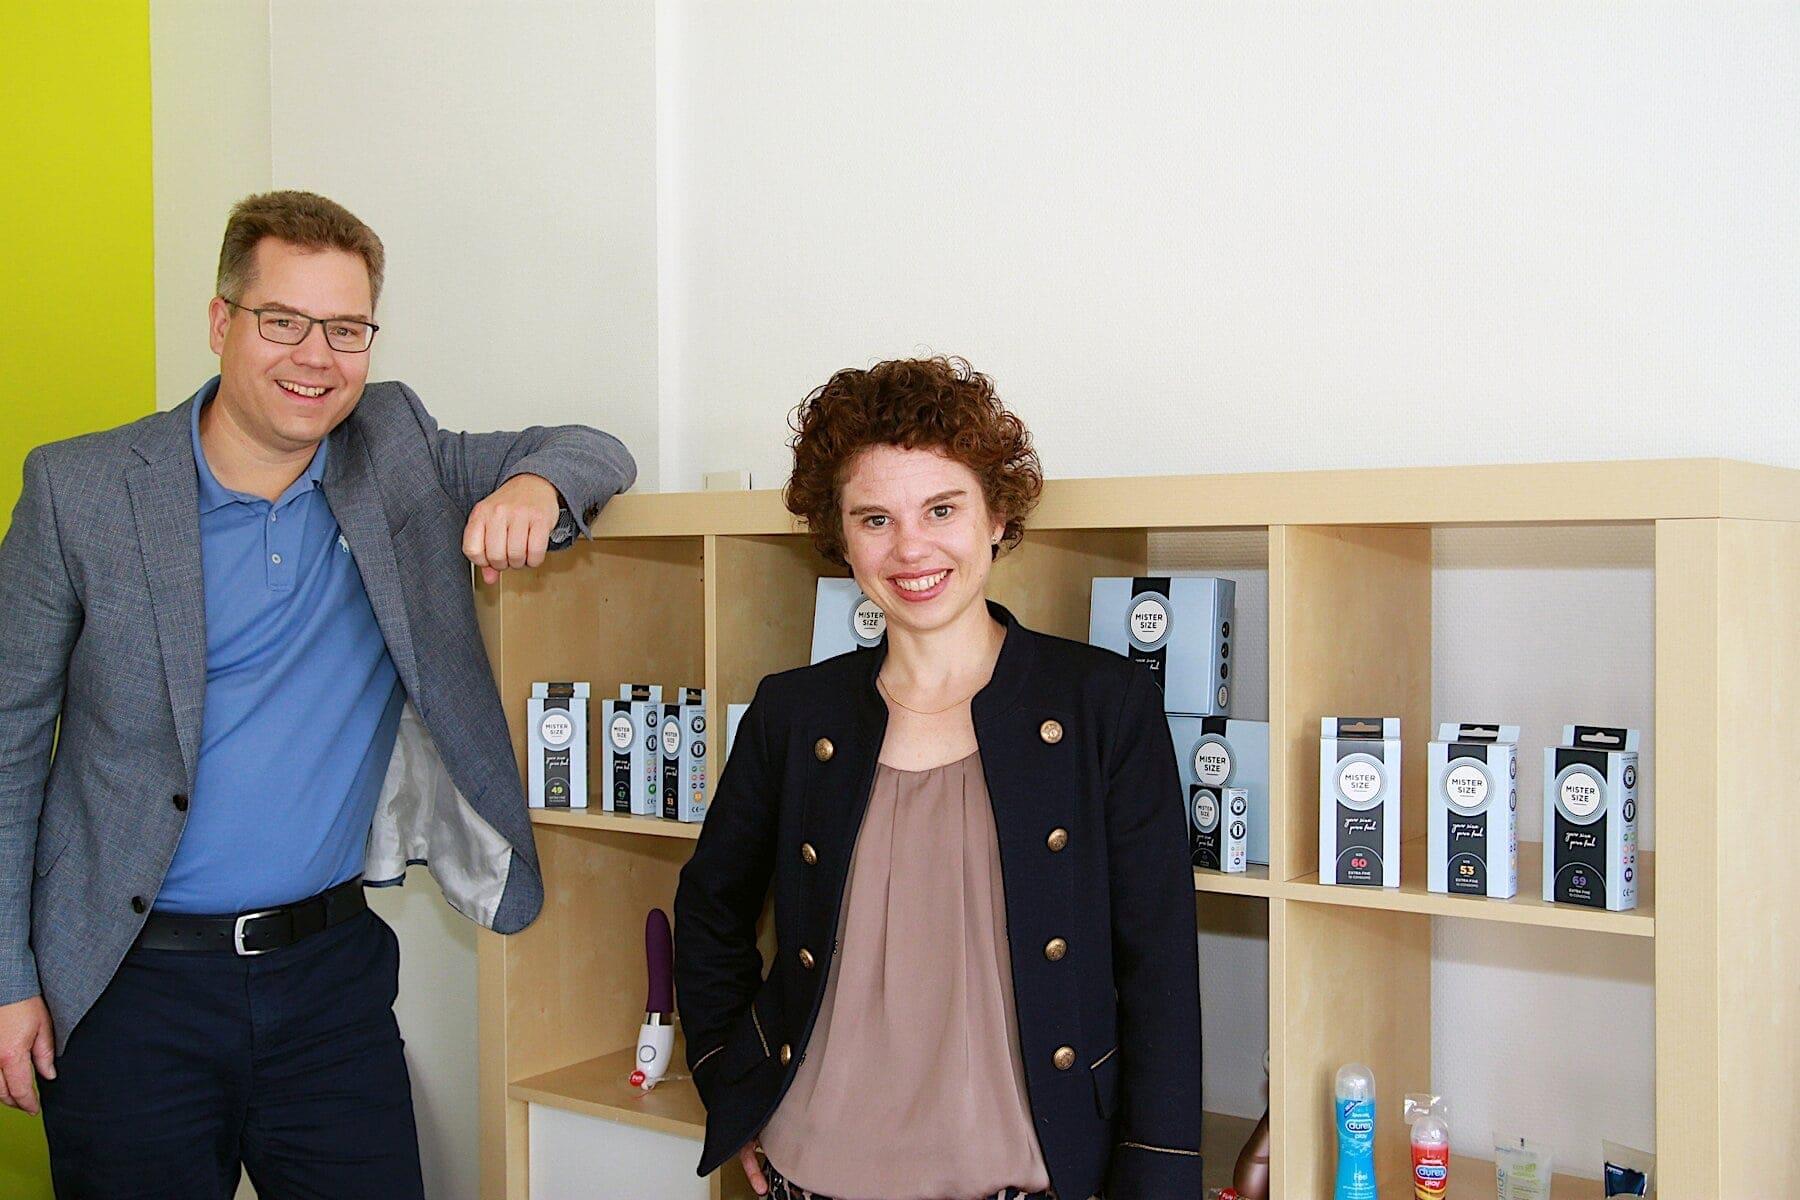 """""""Gute Stimmung ist uns wichtig"""", sagen die Vinergy-Geschäftsführer Jan Vinzenz und Eva Krause (v.l.n.r.). Denn begeisterte Mitarbeiter seien die besten Botschafter für Unternehmen, auch auf dem Arbeitsmarkt, sind sich die beiden sicher."""